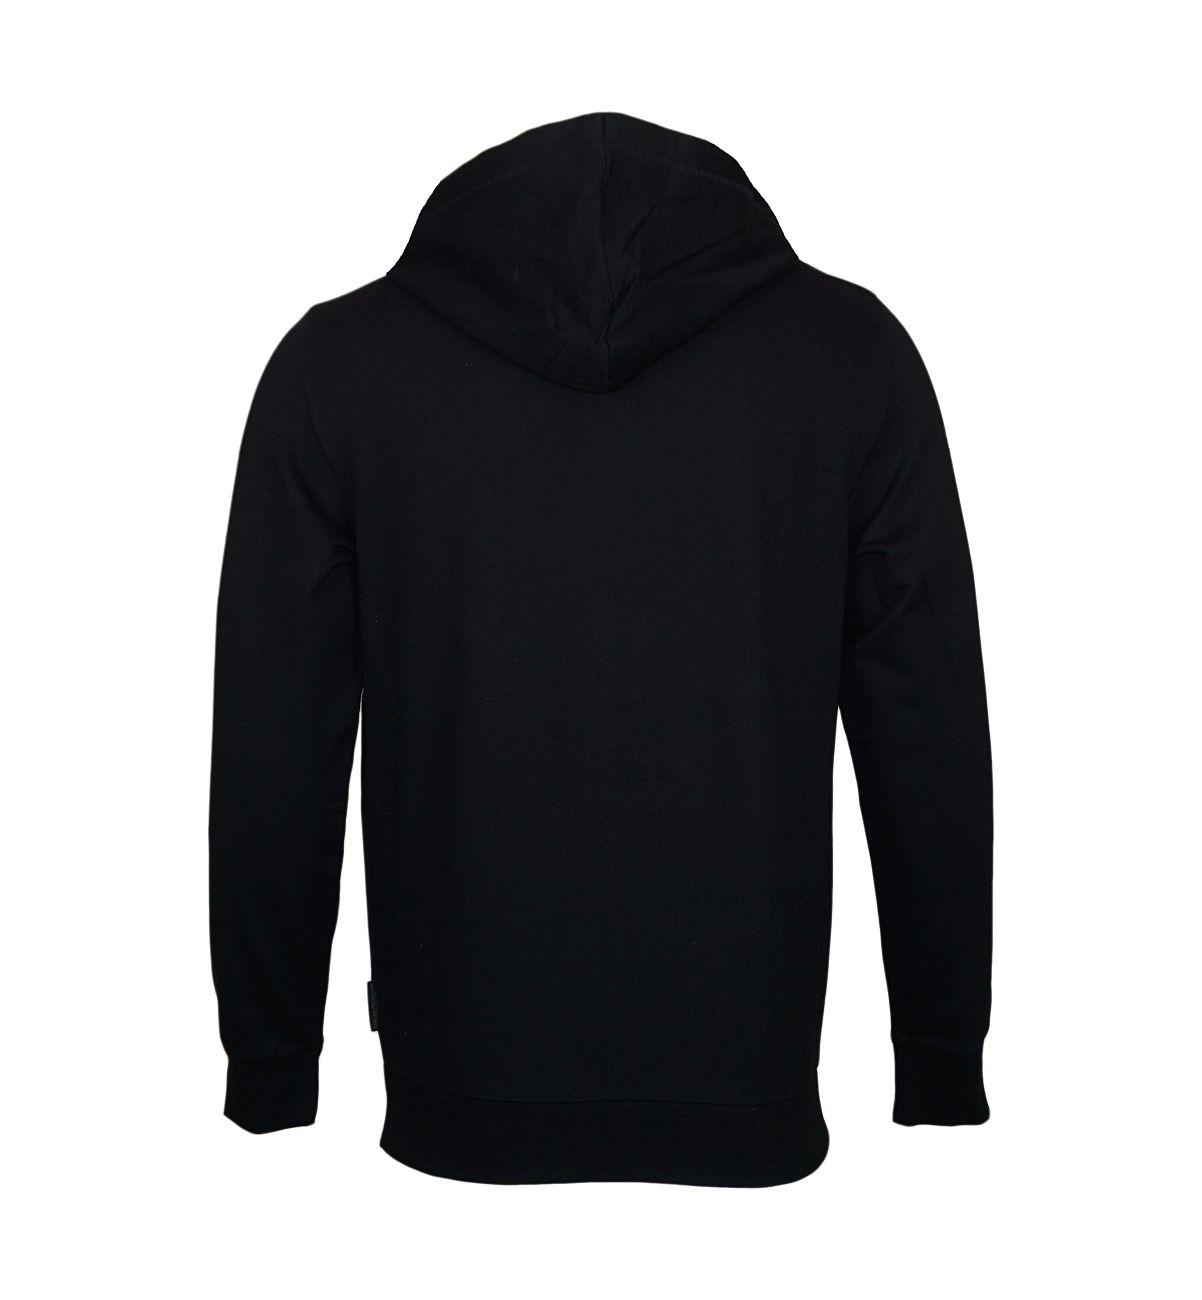 Emporio Armani Sweater Hooded m. Kapuze 111753 8P571 00020 NERO F18-EAS1